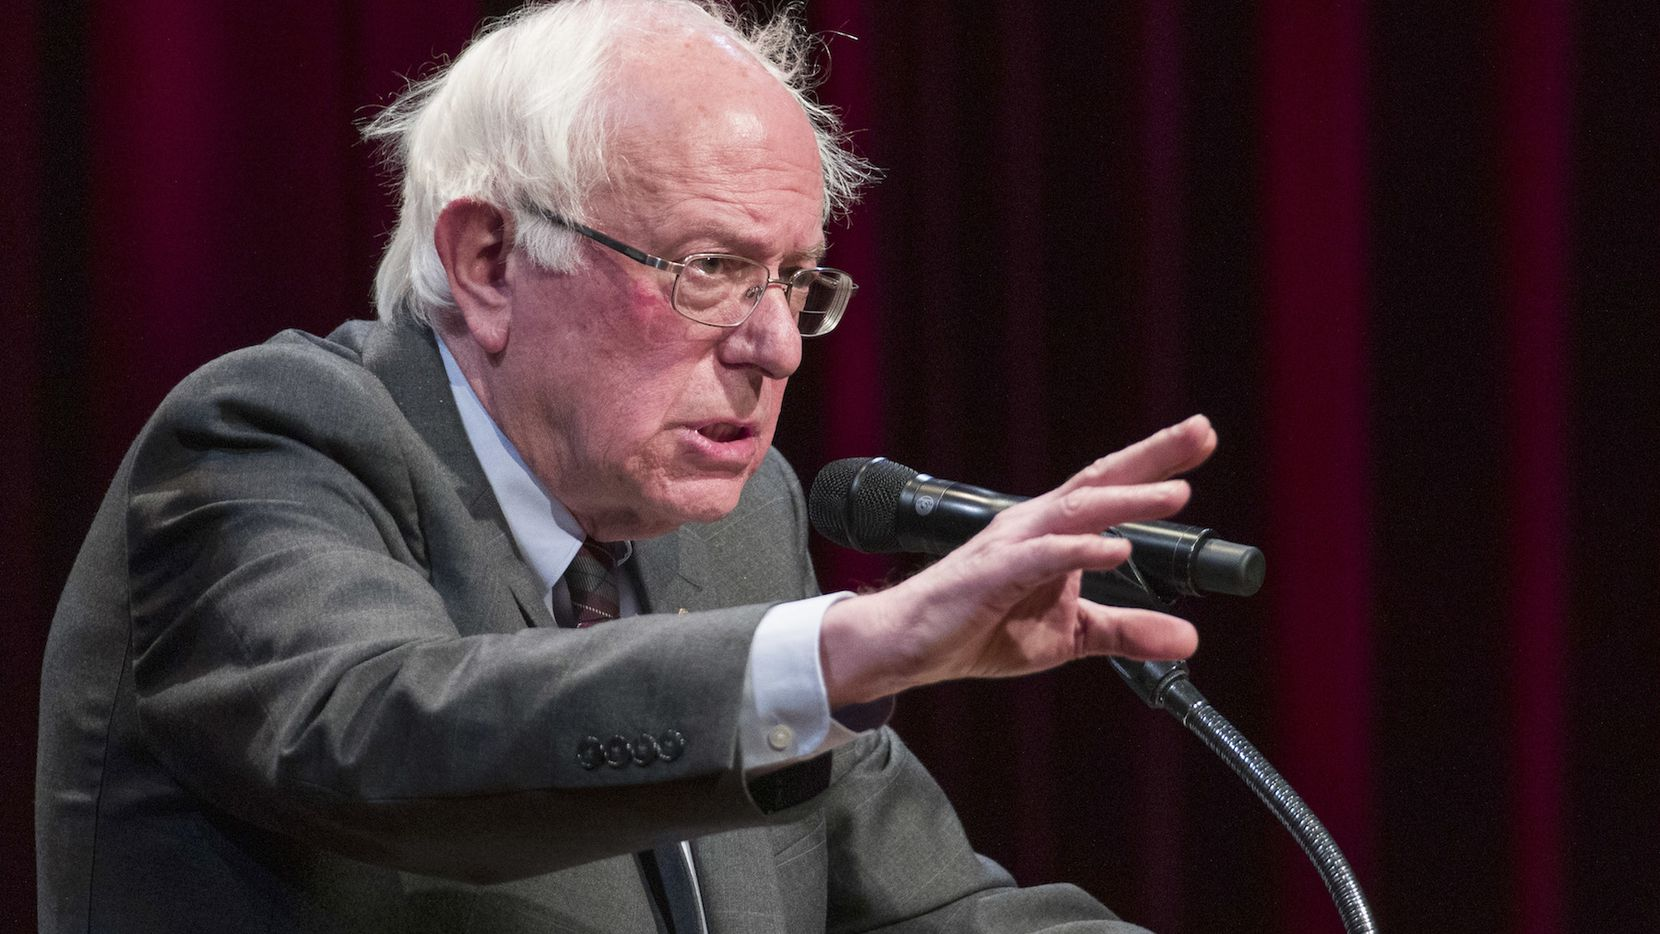 El senador Bernie Sanders de Vermont buscará la nominación demócrata para la campaña 2020. AP